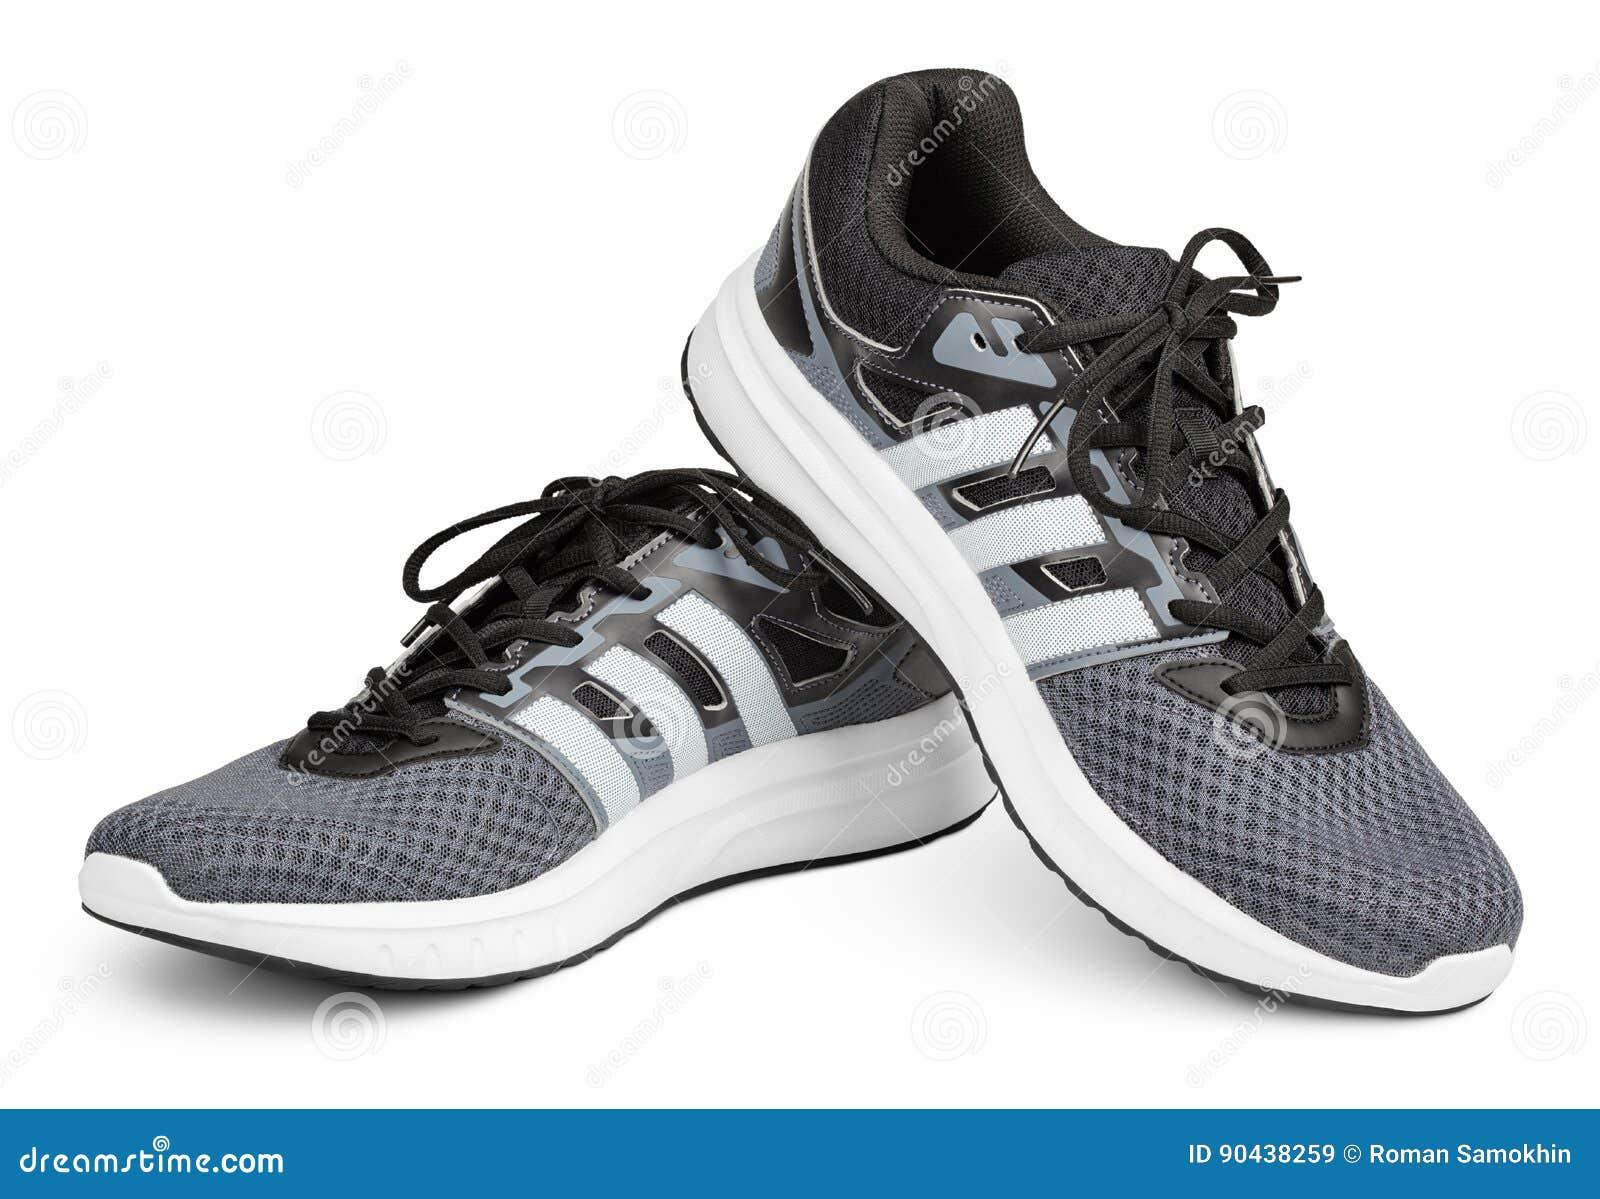 date de sortie 88dc4 eed64 Chaussures De Course, Espadrilles Ou Entraîneurs D'Adidas D ...